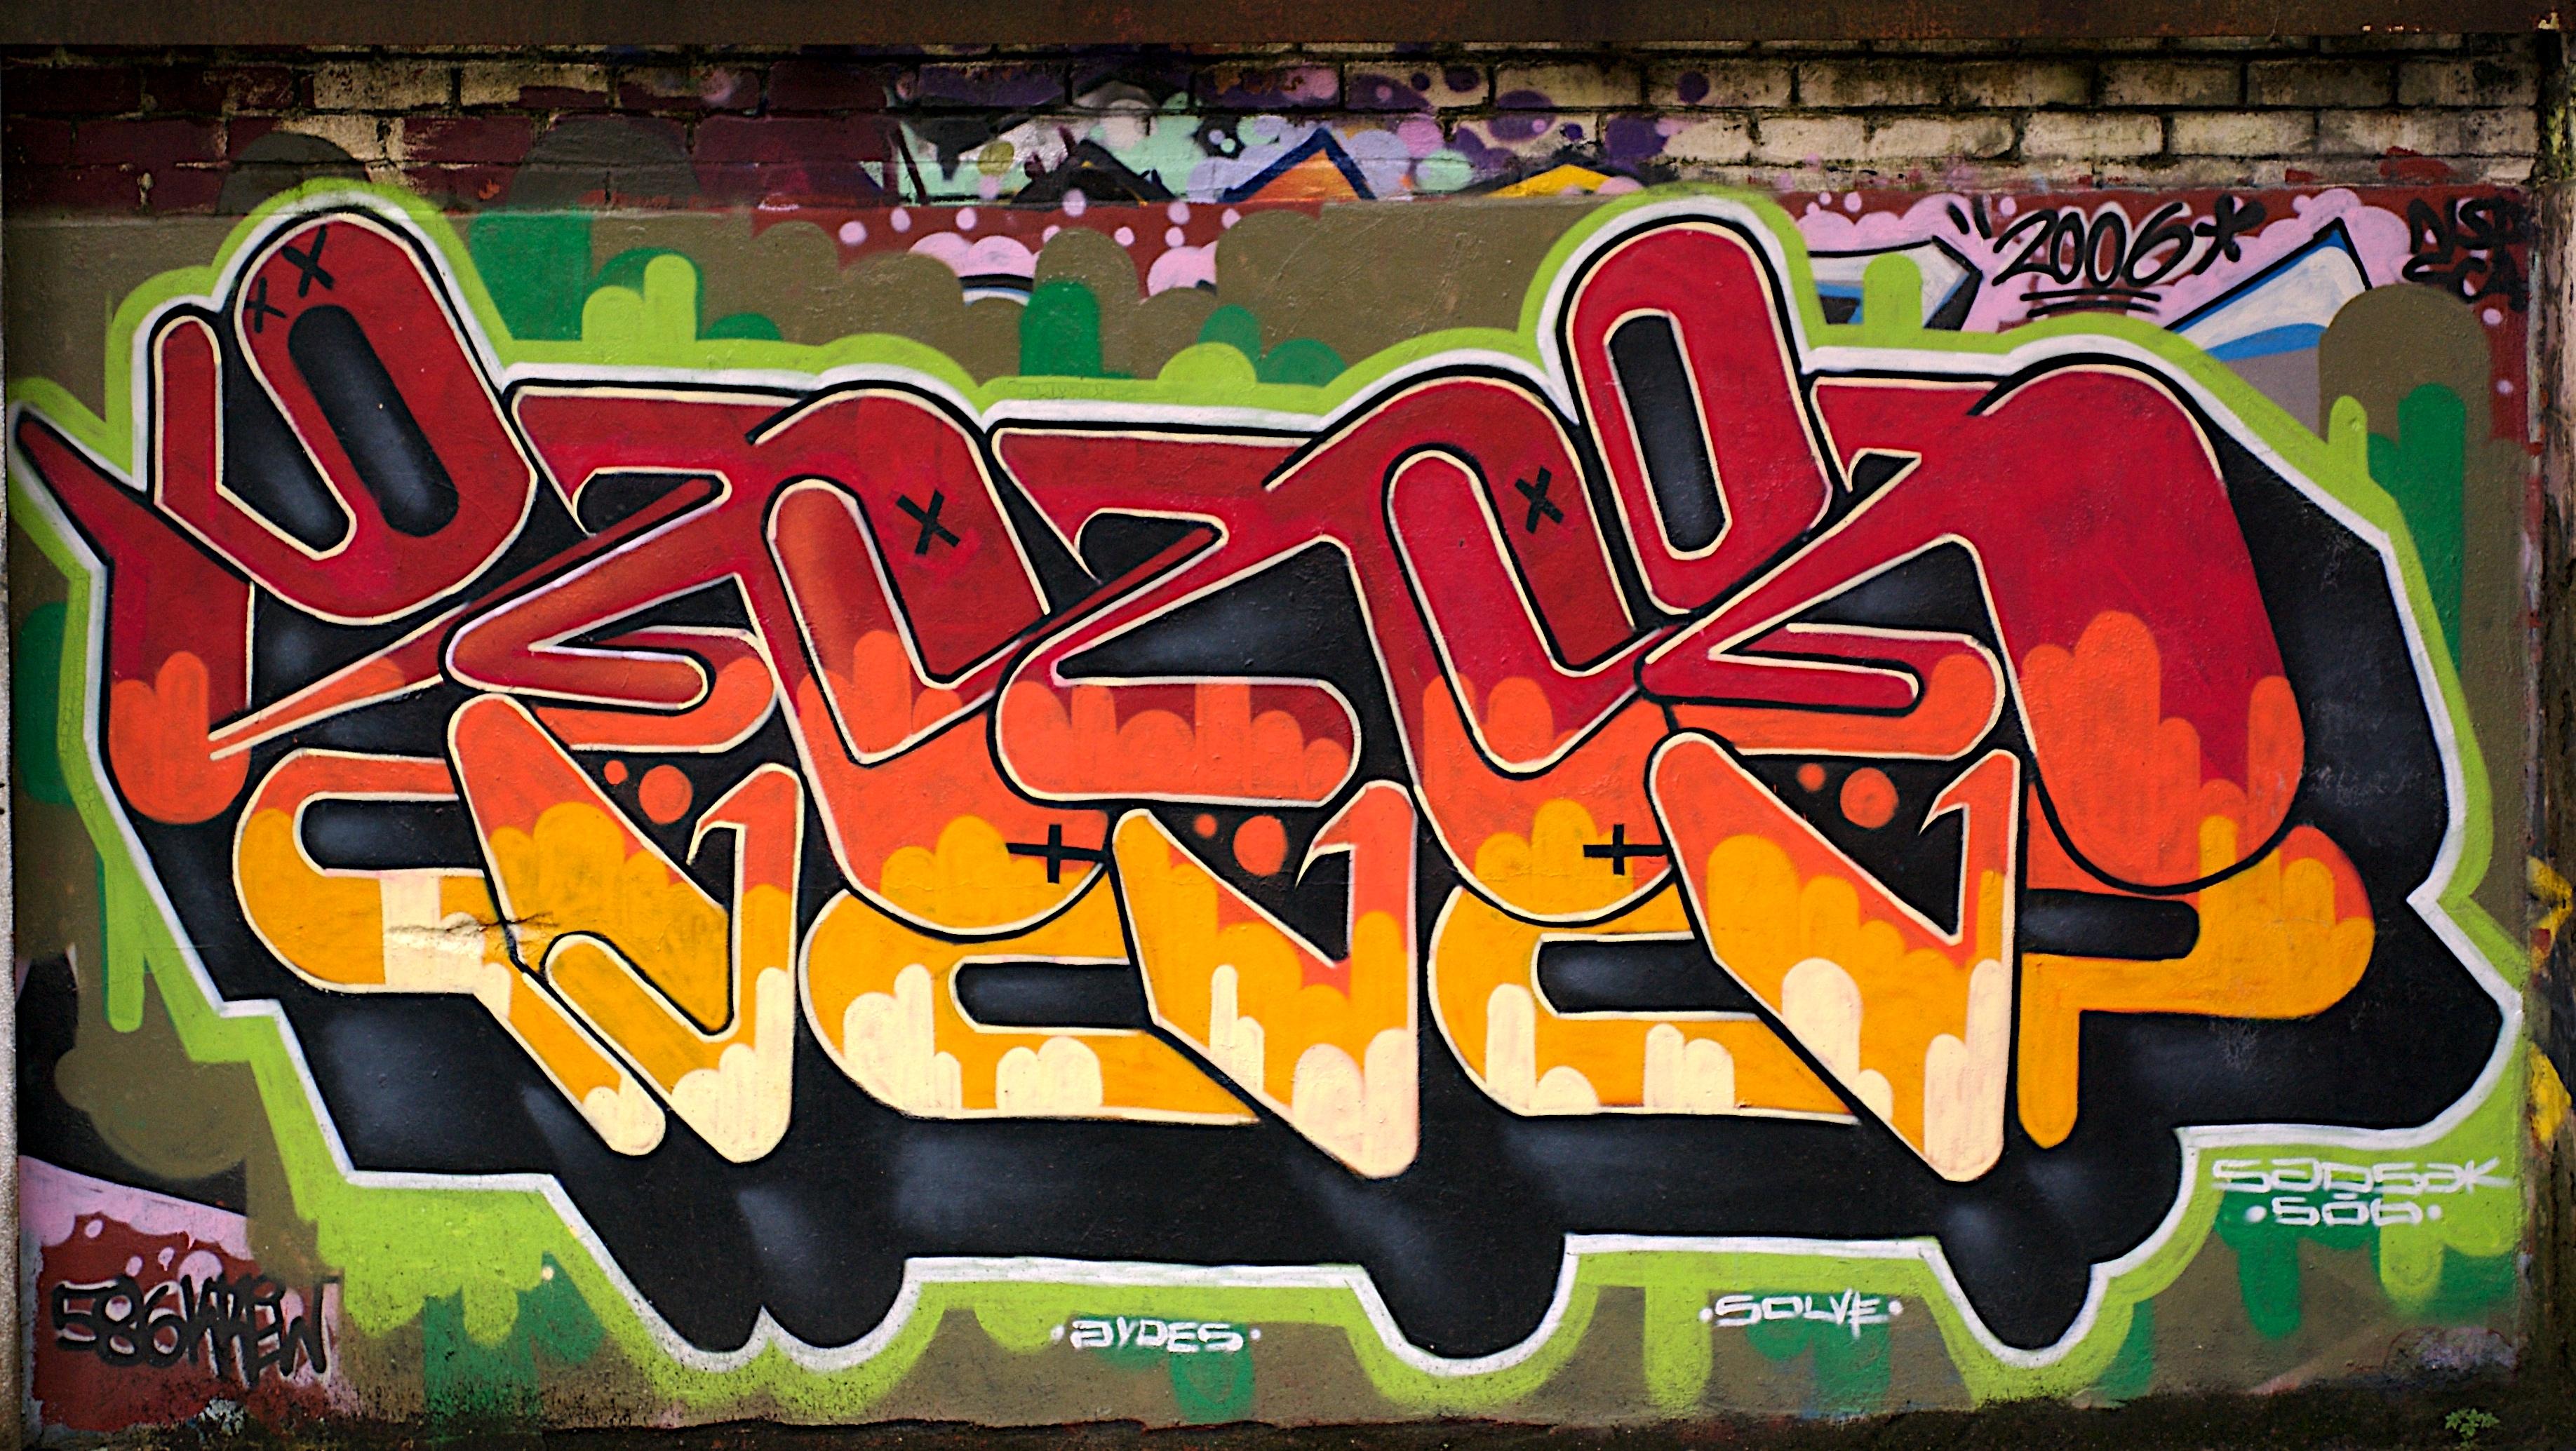 Hd graffiti desktop wallpapers wallpapersafari